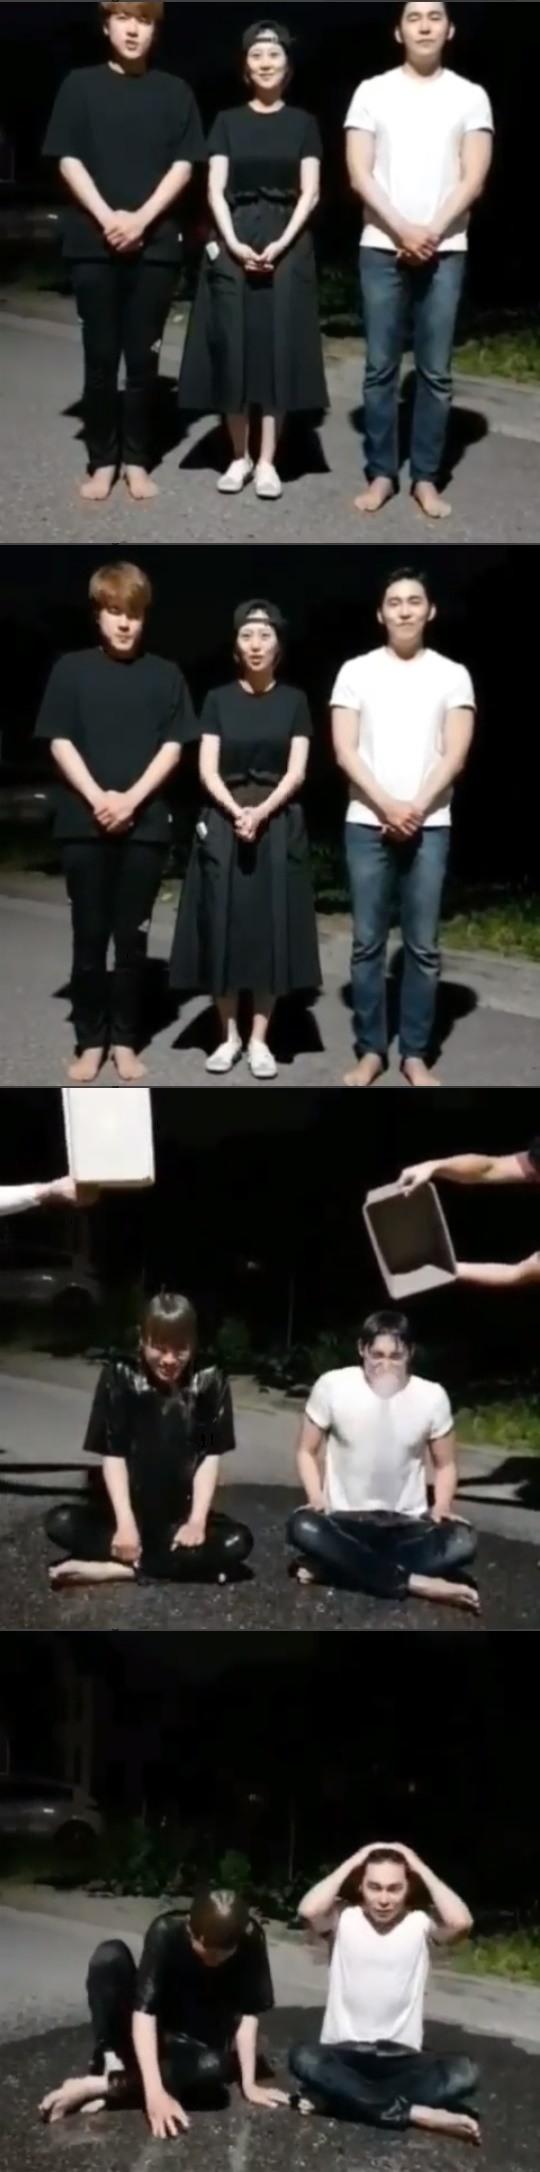 나무 도경완 이어 아이스버킷챌린지 참여…임신중인 장윤정 대신했다